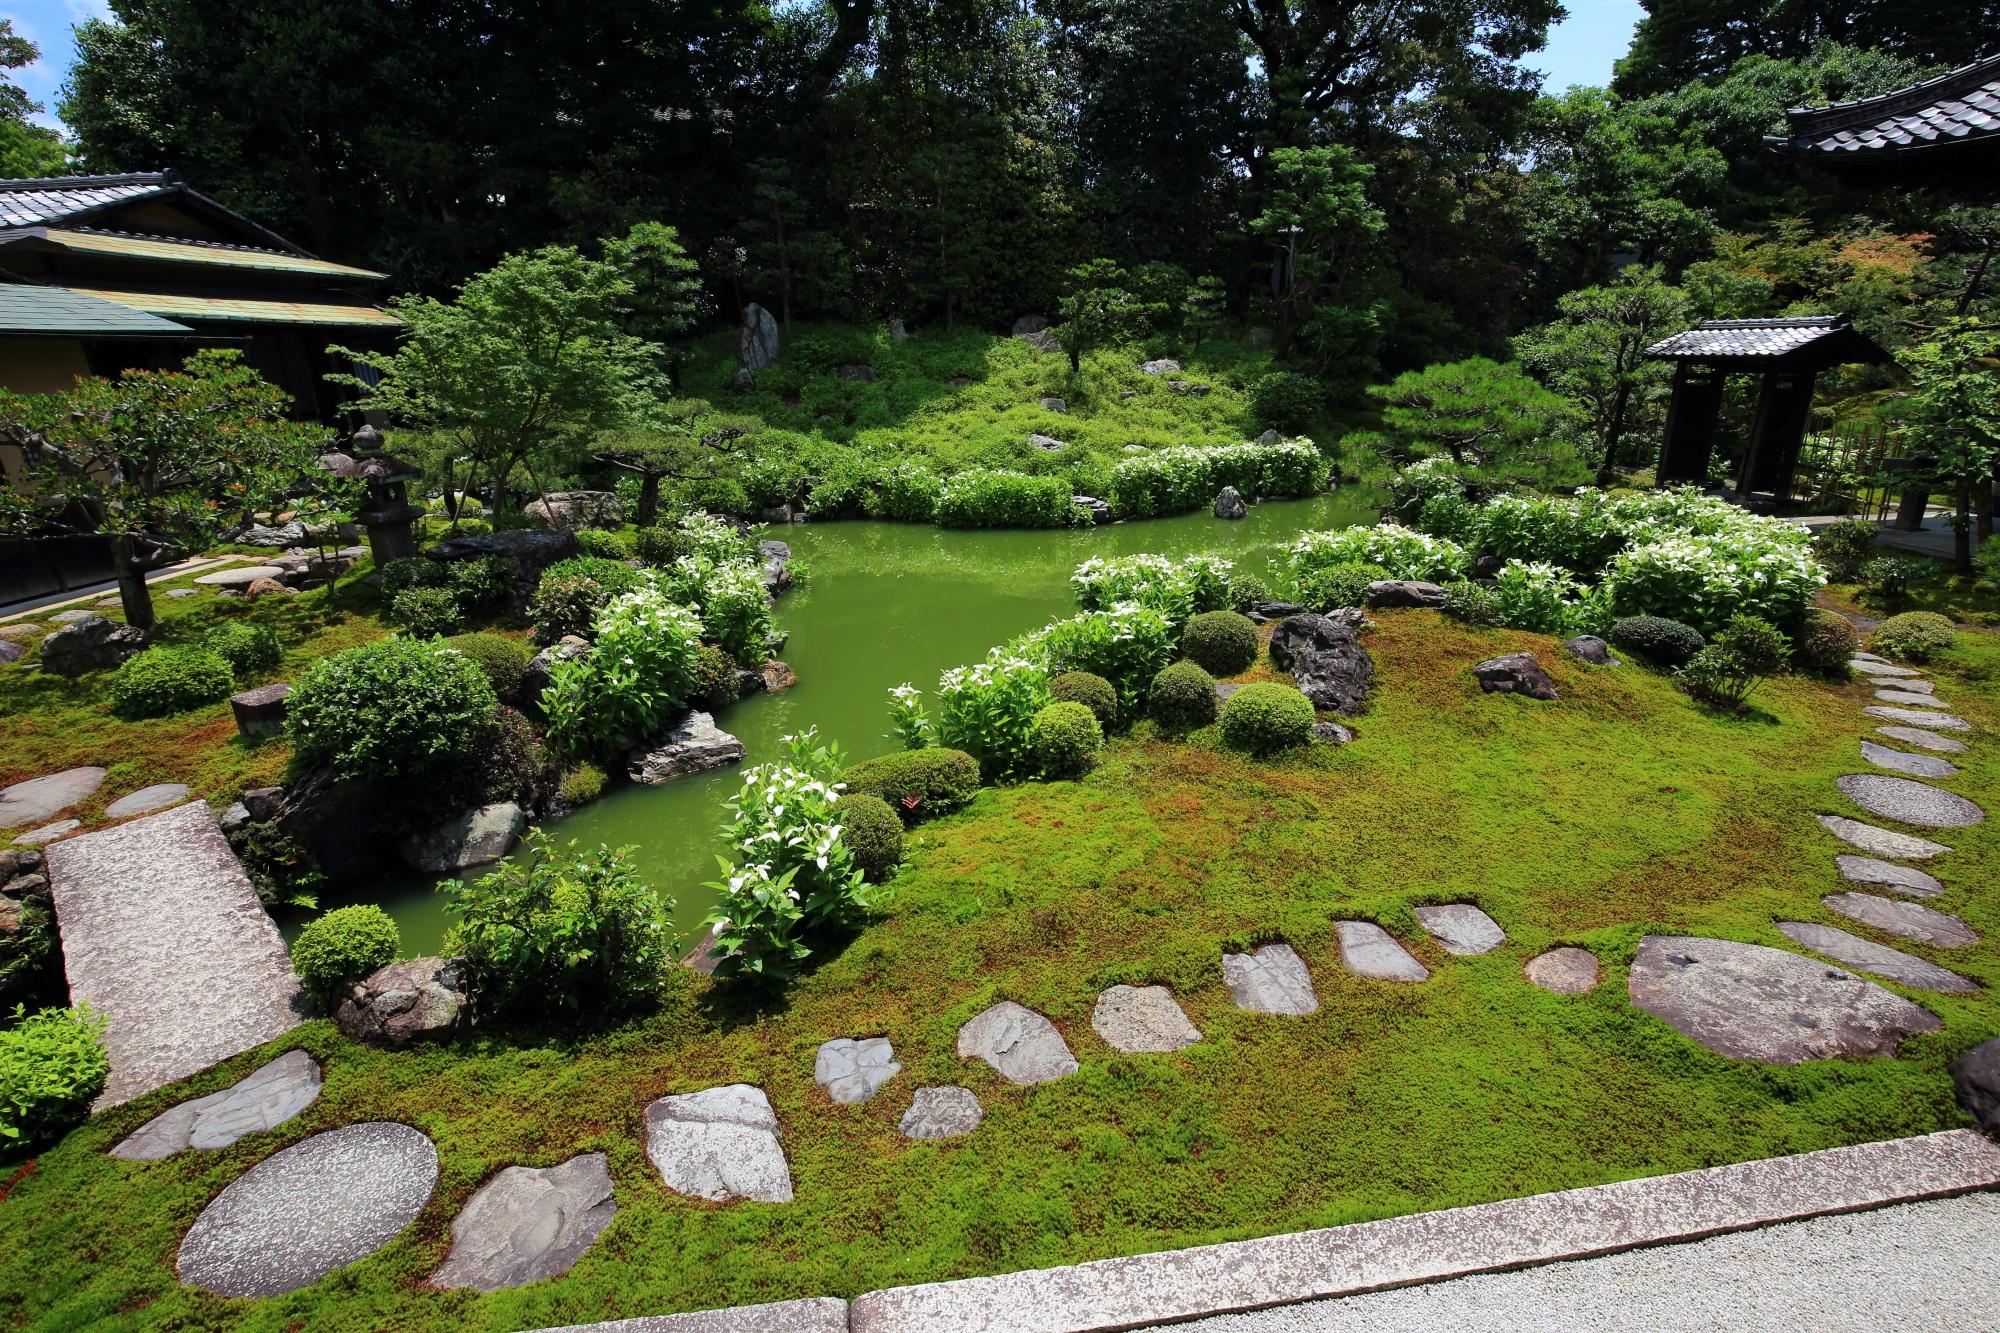 建仁寺両足院の素晴らしい半夏生と初夏の庭園の彩り